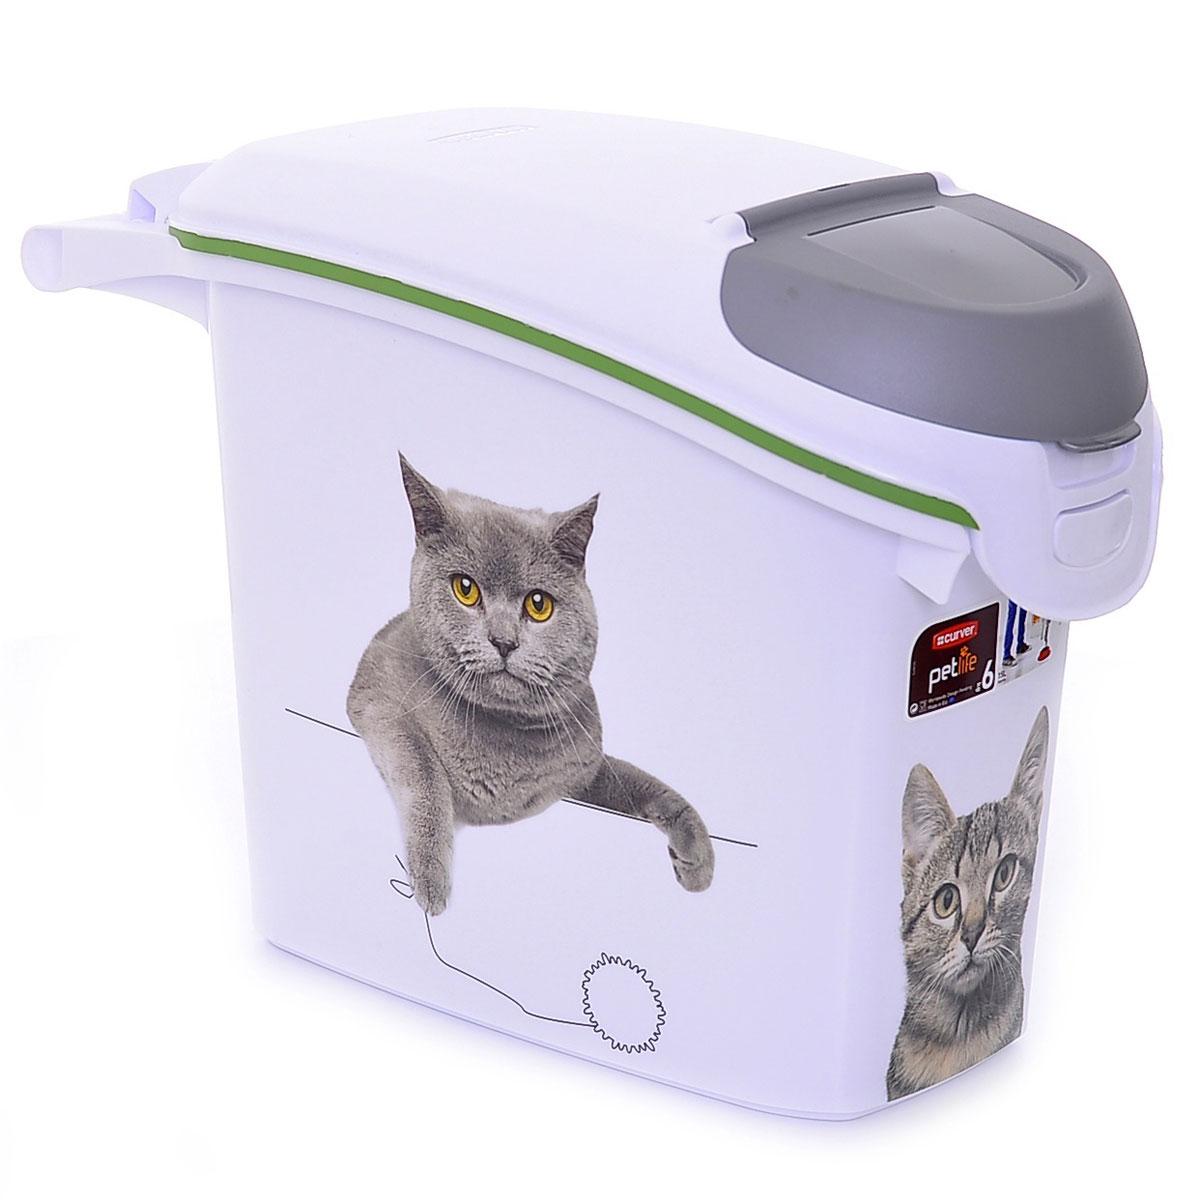 Контейнер для корма Curver PetLife Сладкие котята, на 6 кг, 15 л0120710Контейнер для корма Сладкие котятана 6кг/15л, 23*50*36см (201782) | | 1.18kg | Curver PetLife| 201782(три кота)